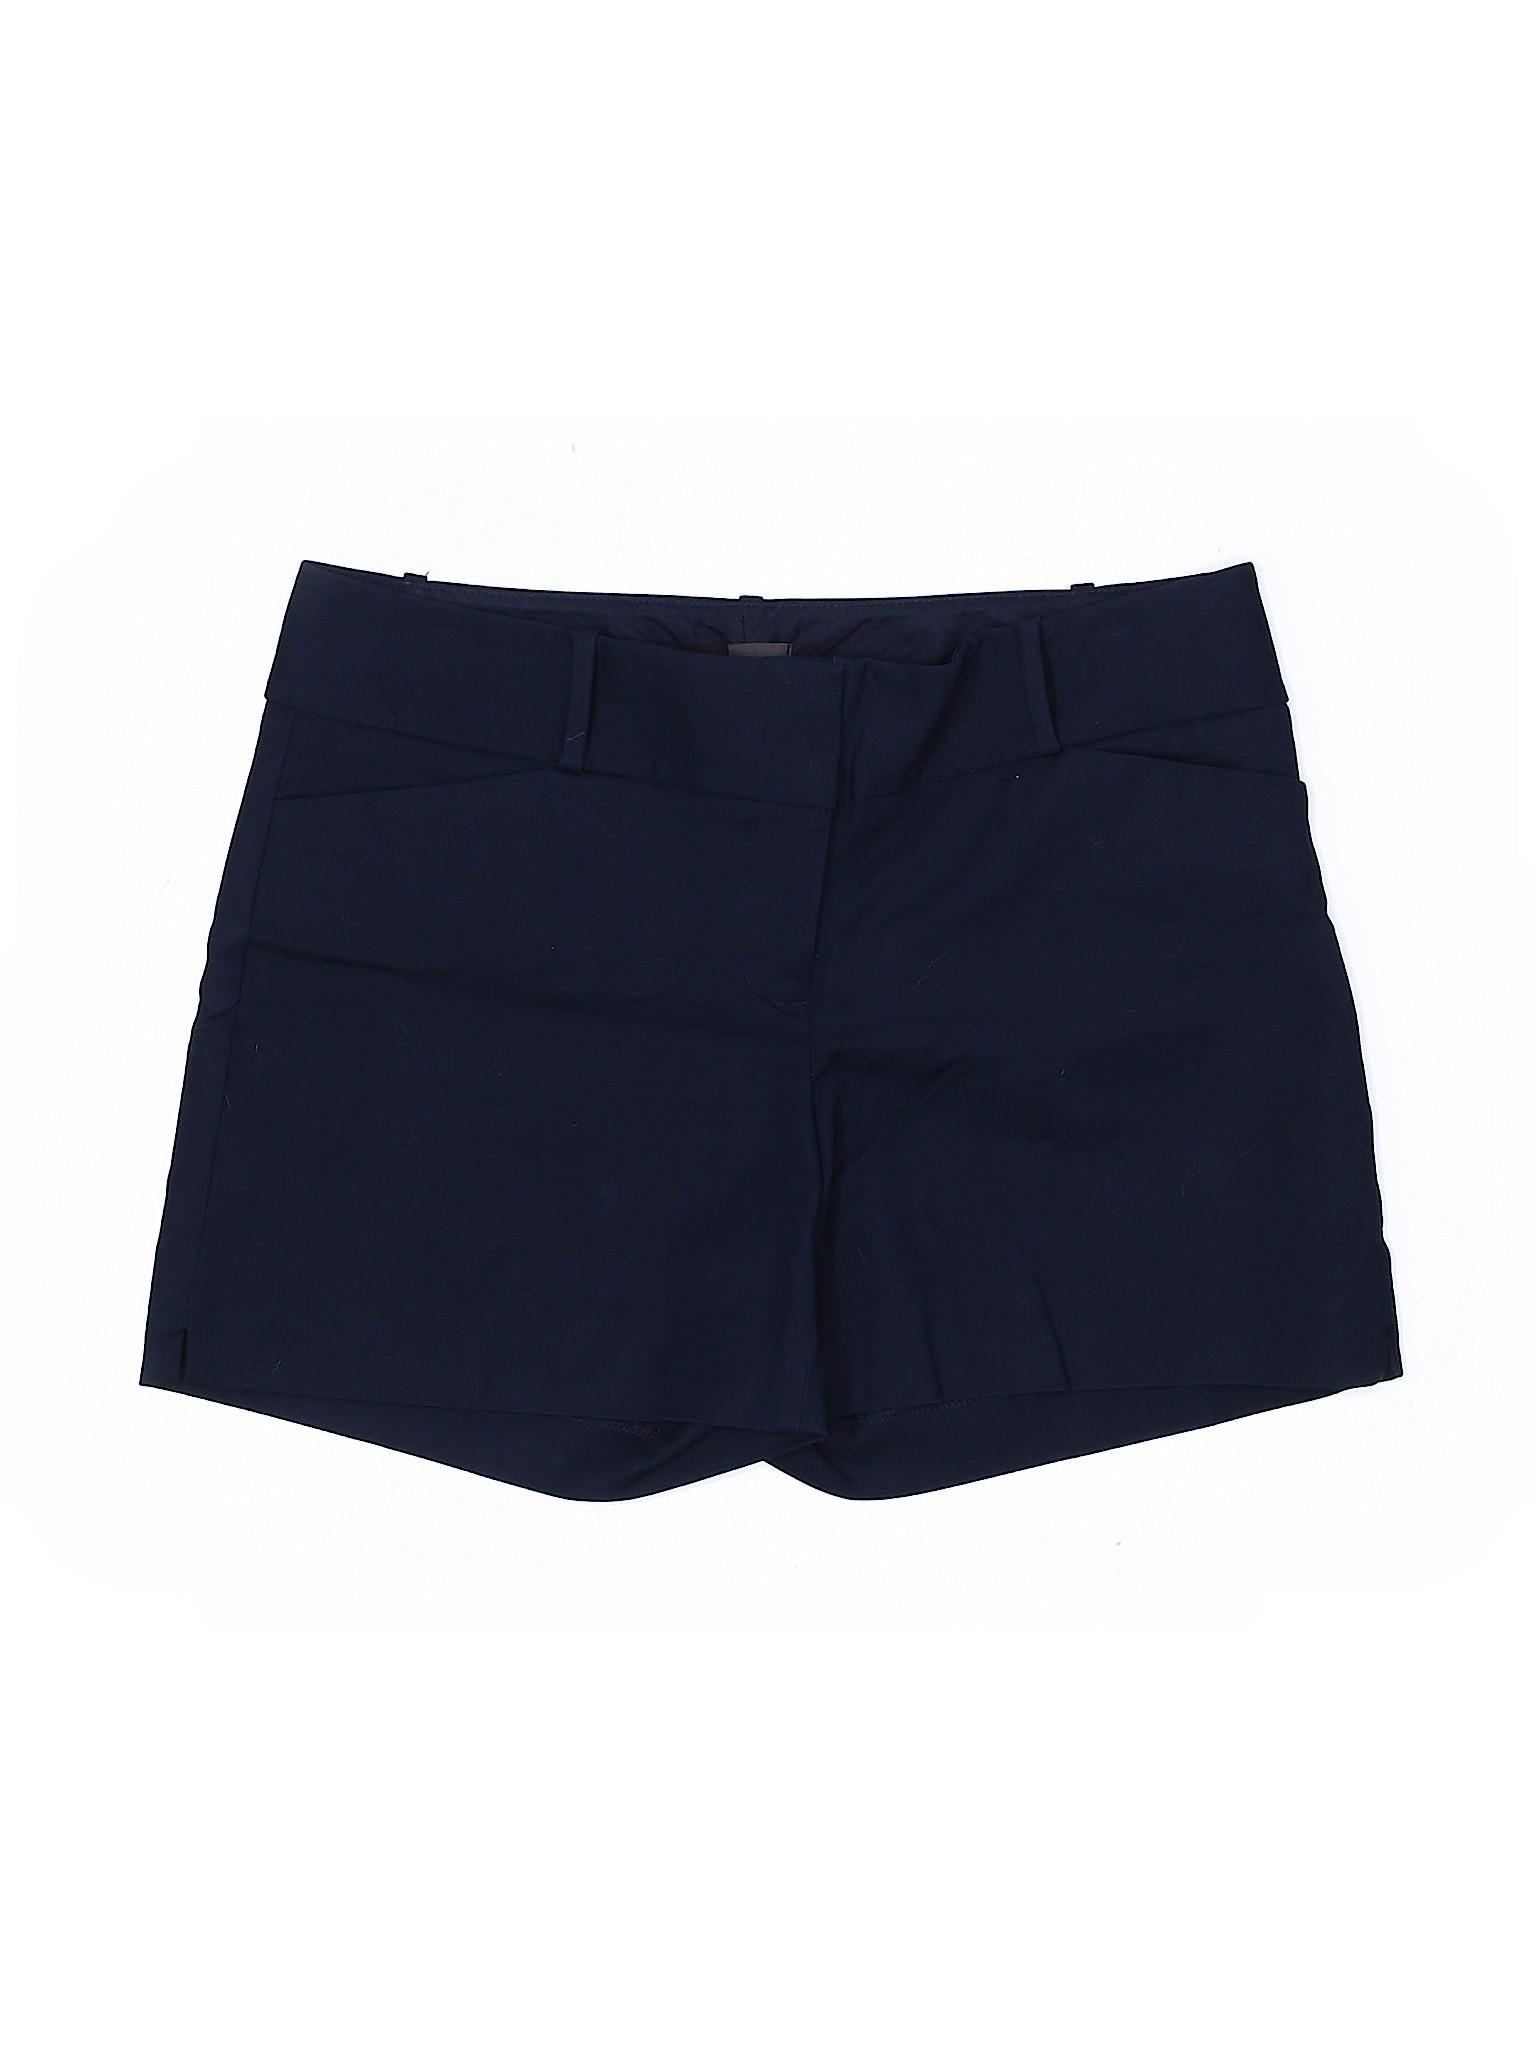 The Boutique Shorts The The Khaki Boutique Limited Limited Khaki Boutique Shorts Pq5n1